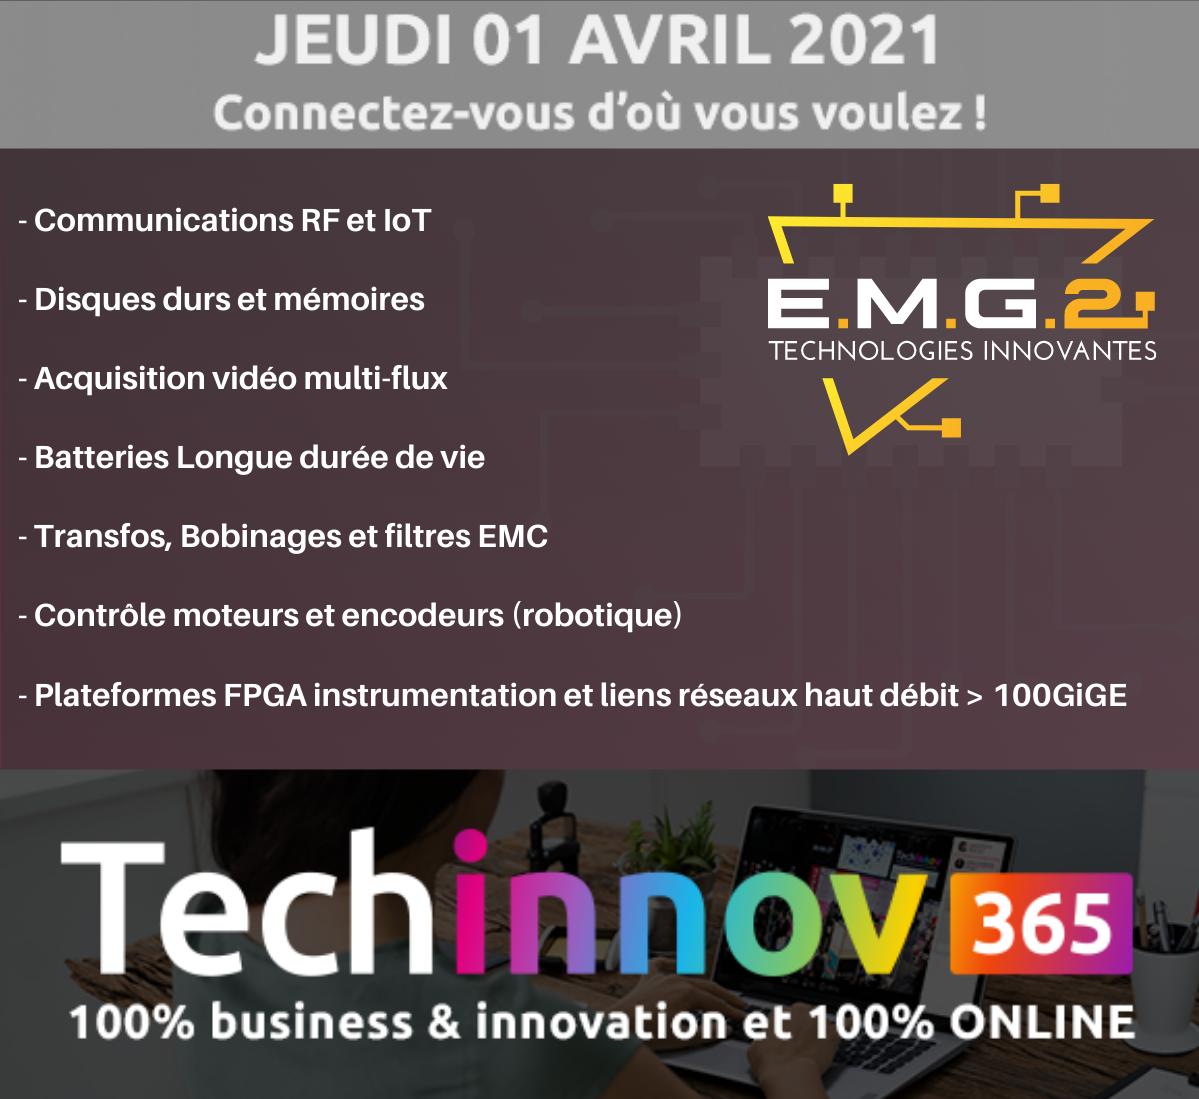 EMG2 à TechInnov